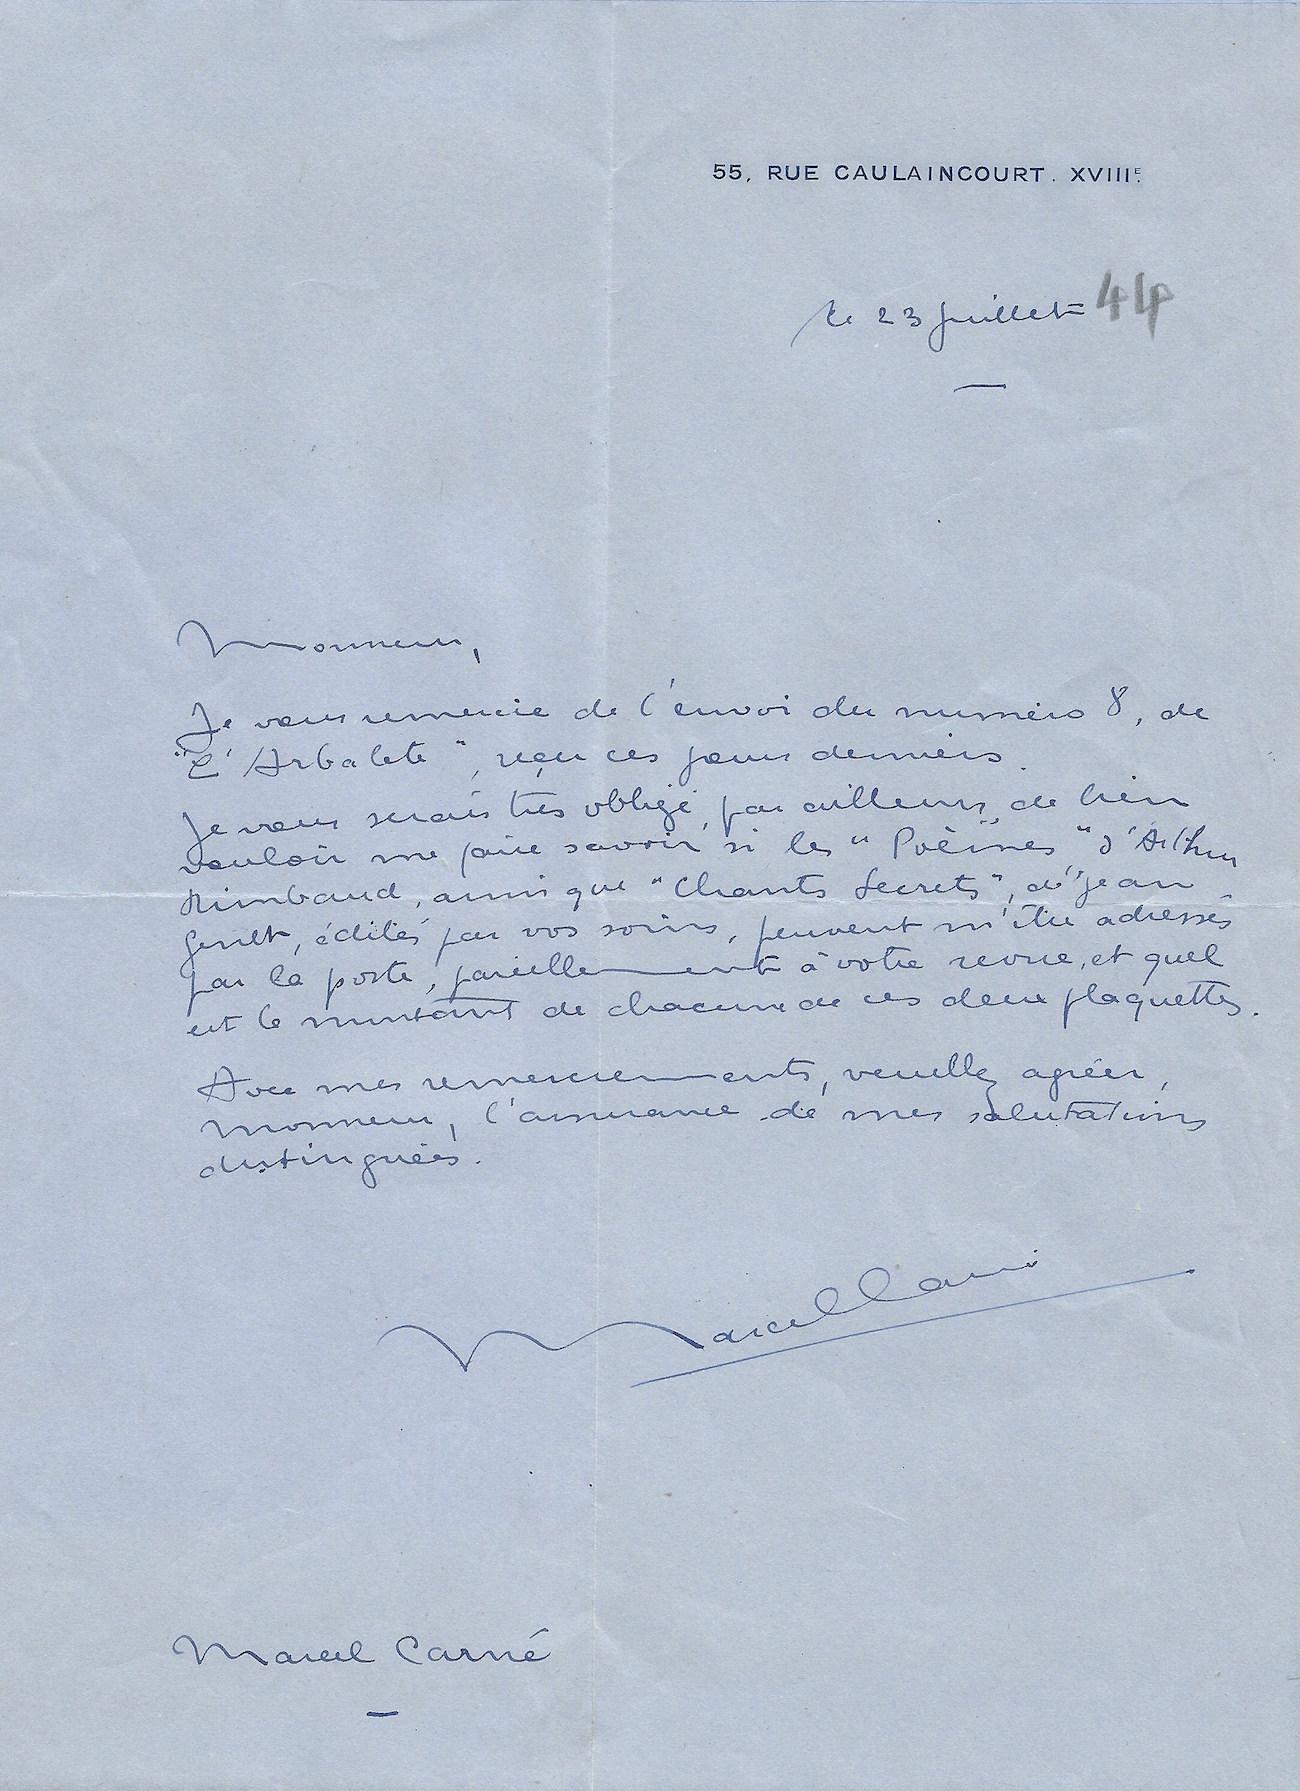 Carne Marcel Trois Lettres Autographes Signees Sur Rimbaud Et Genet